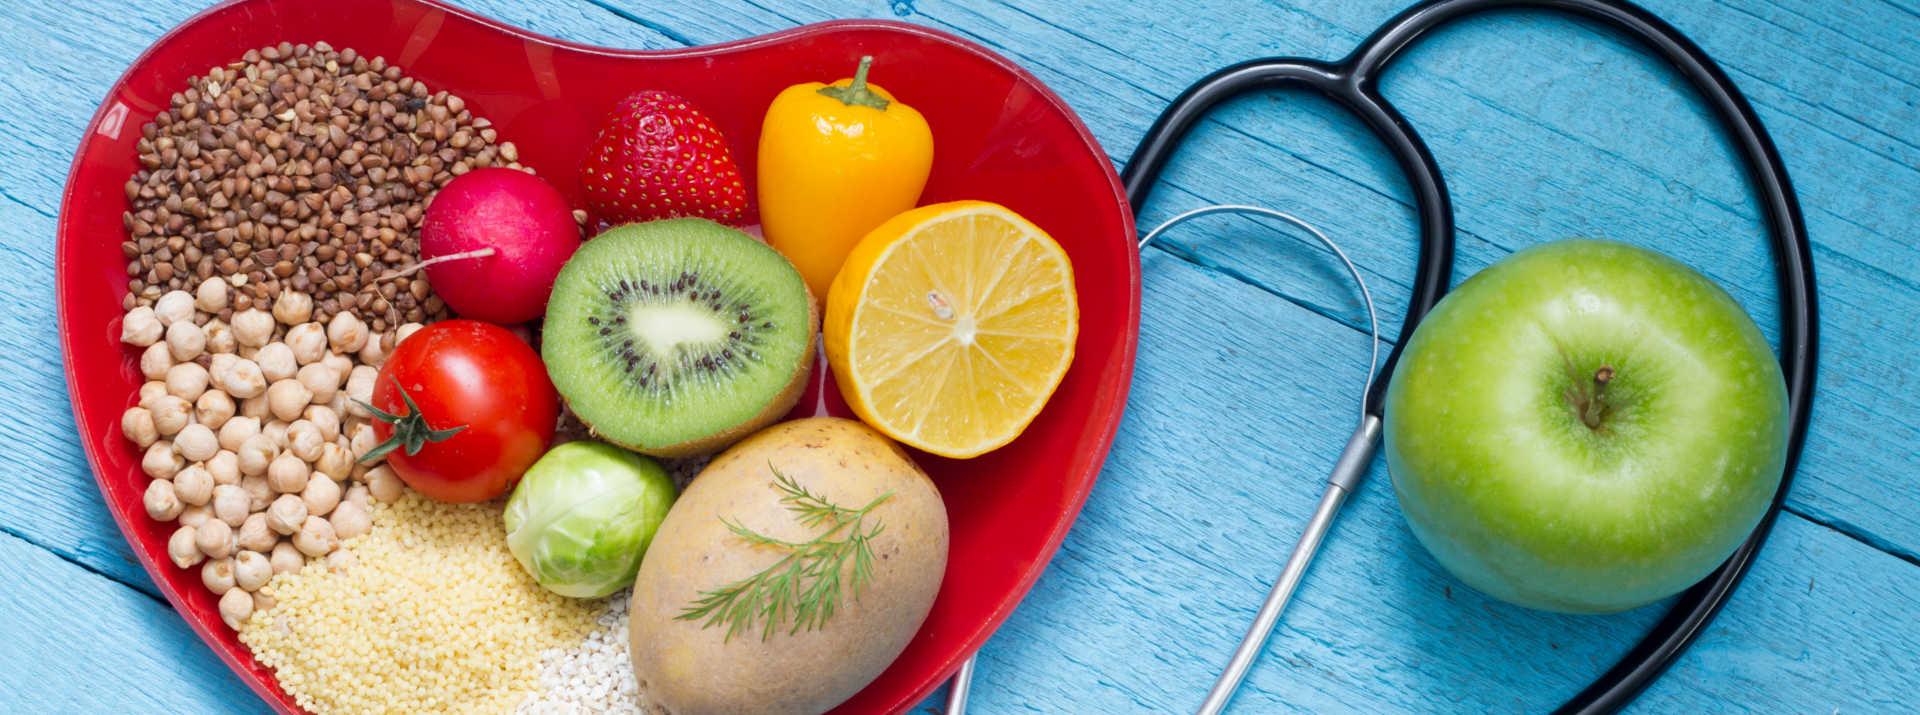 Santé : adoptez les bons gestes au quotidien